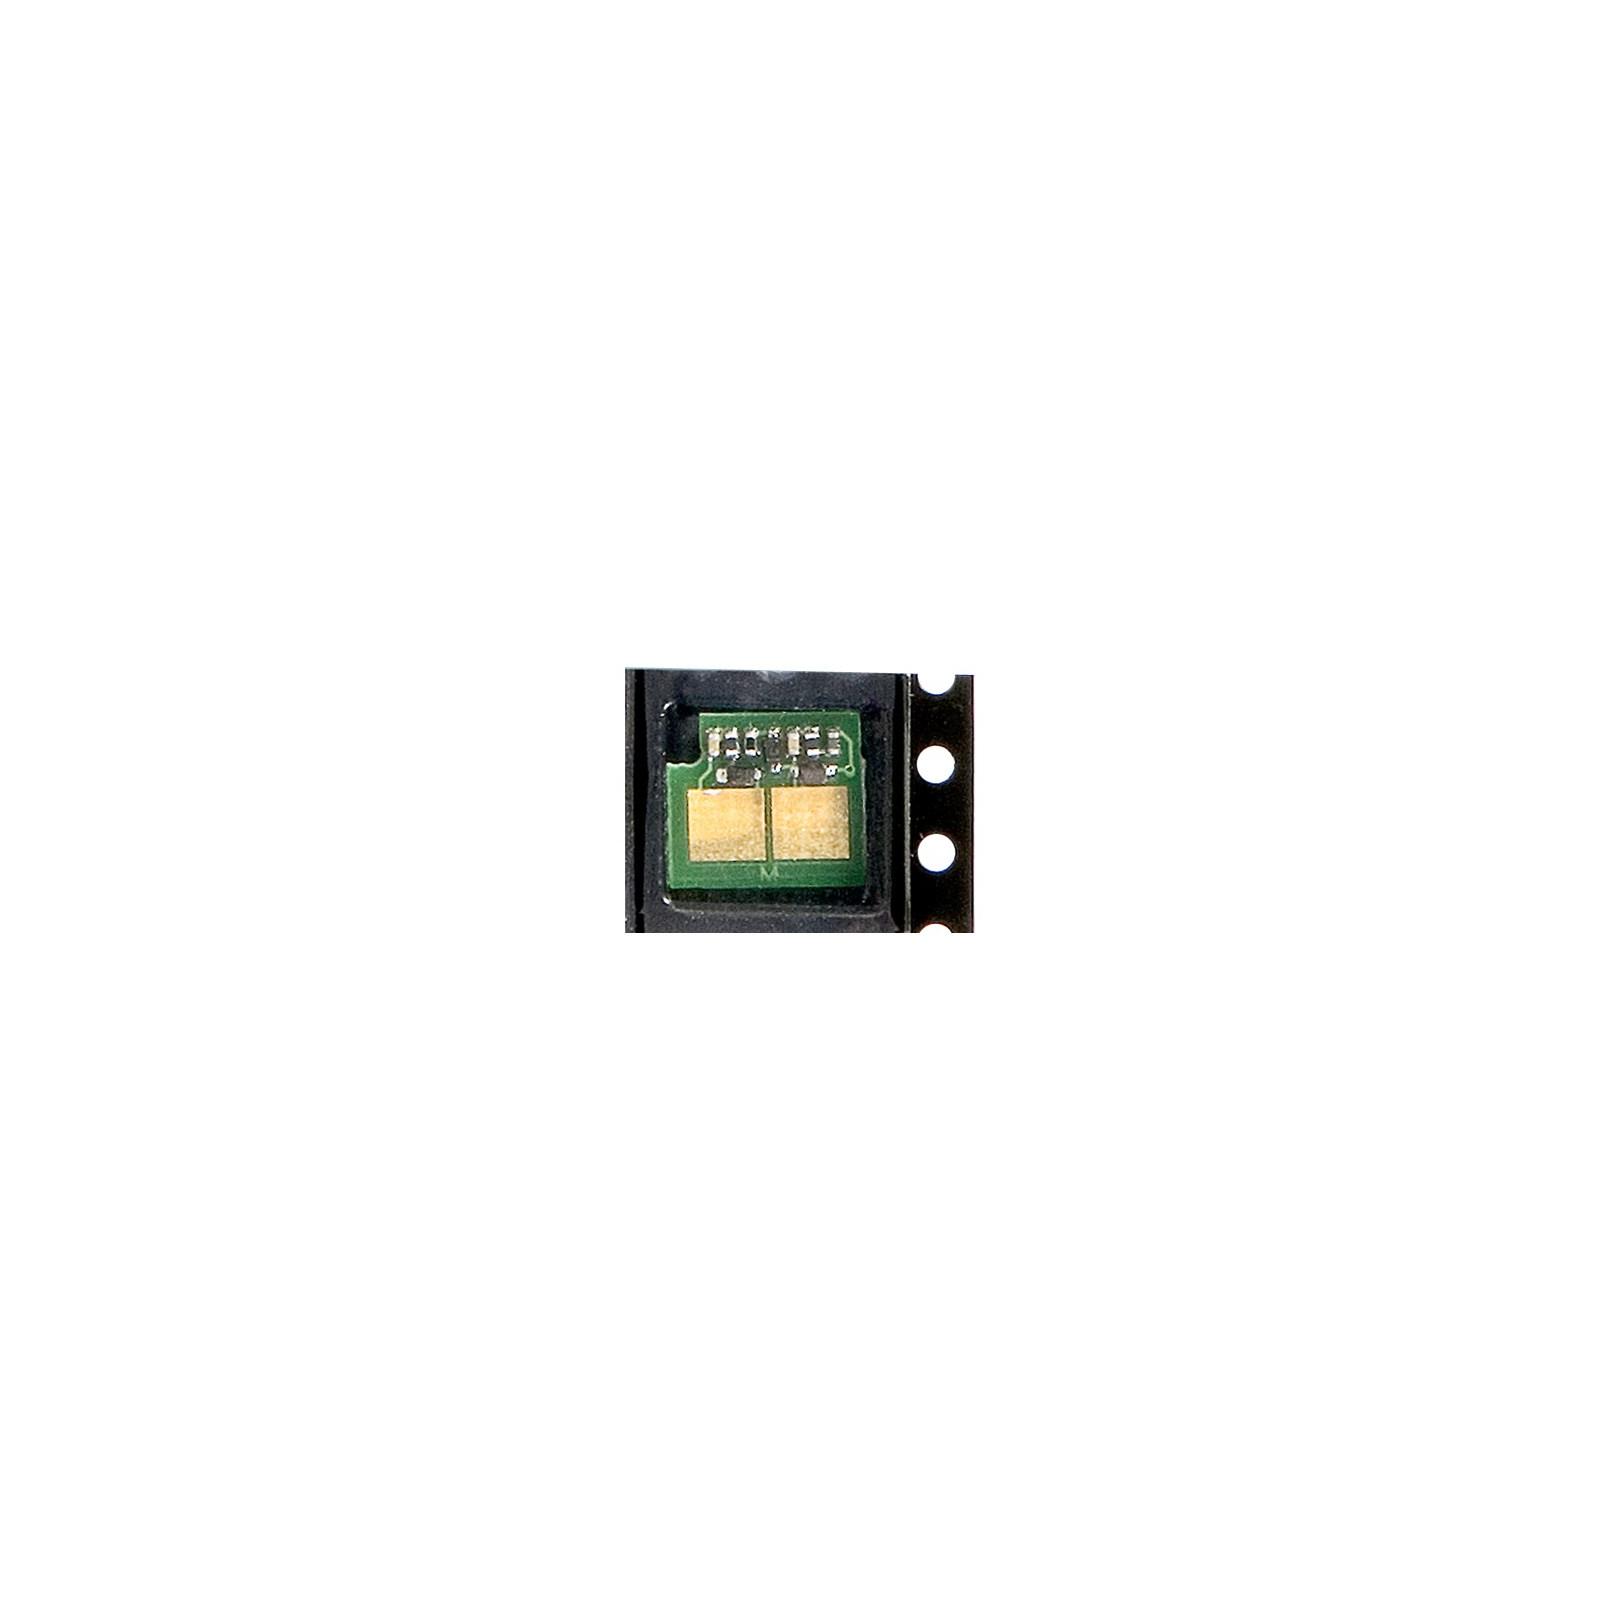 Чип для картриджа MINOLTA PP 1380/1350/1300 Static Control (M1380CHIP)